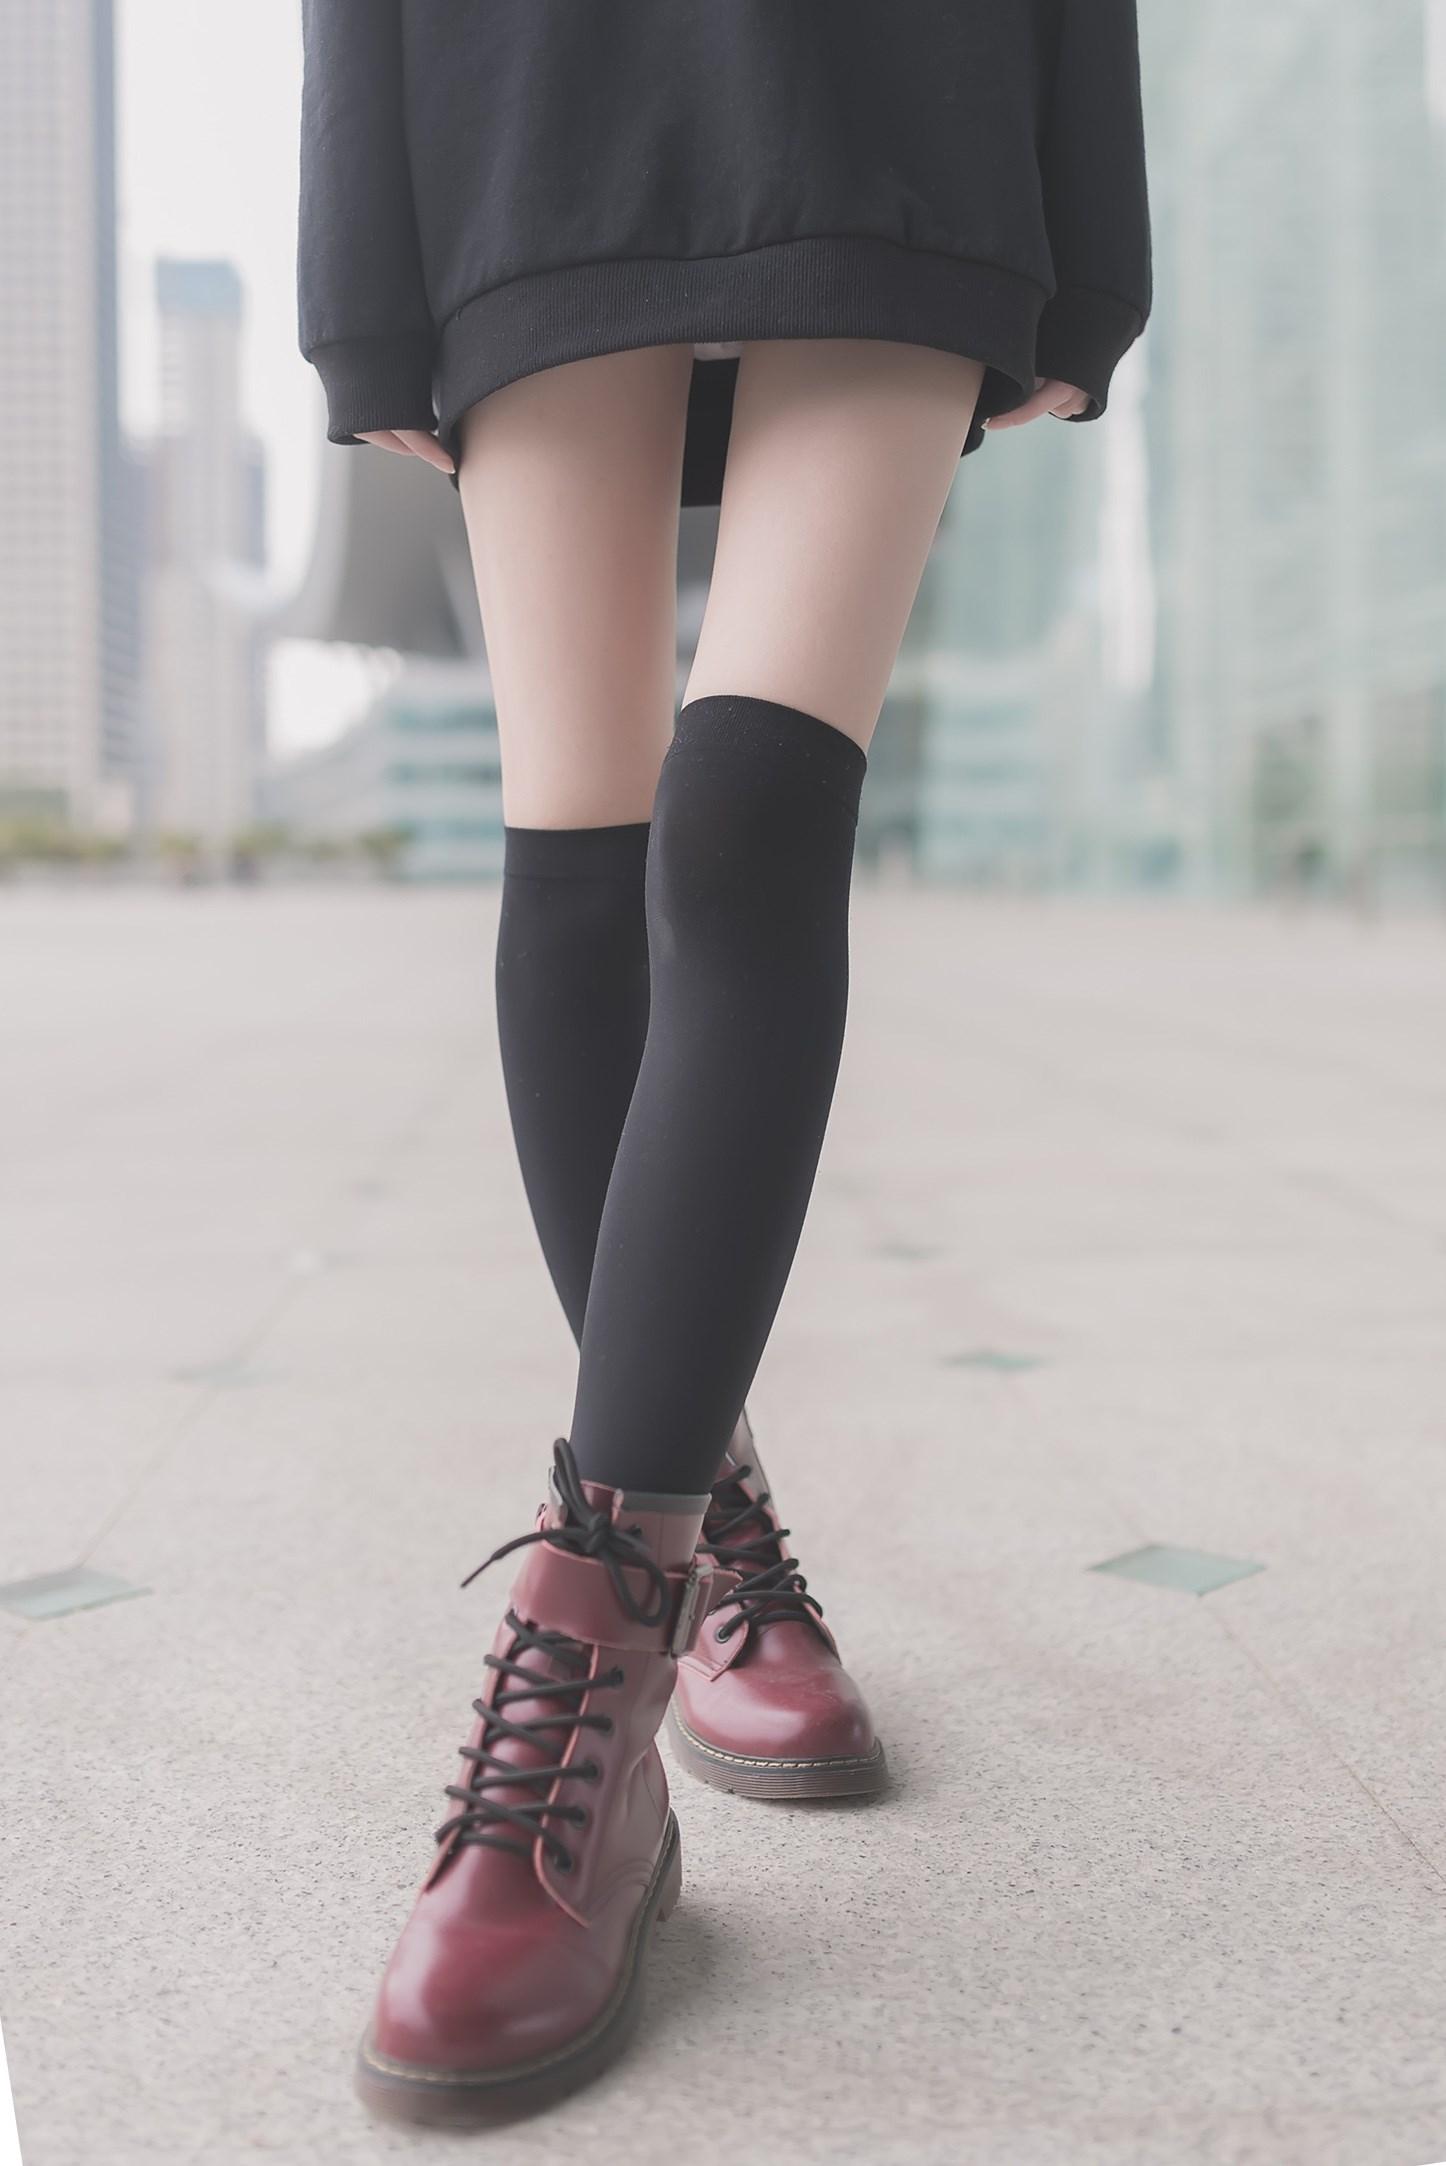 【兔玩映画】令人羡慕的小细腿 兔玩映画 第4张